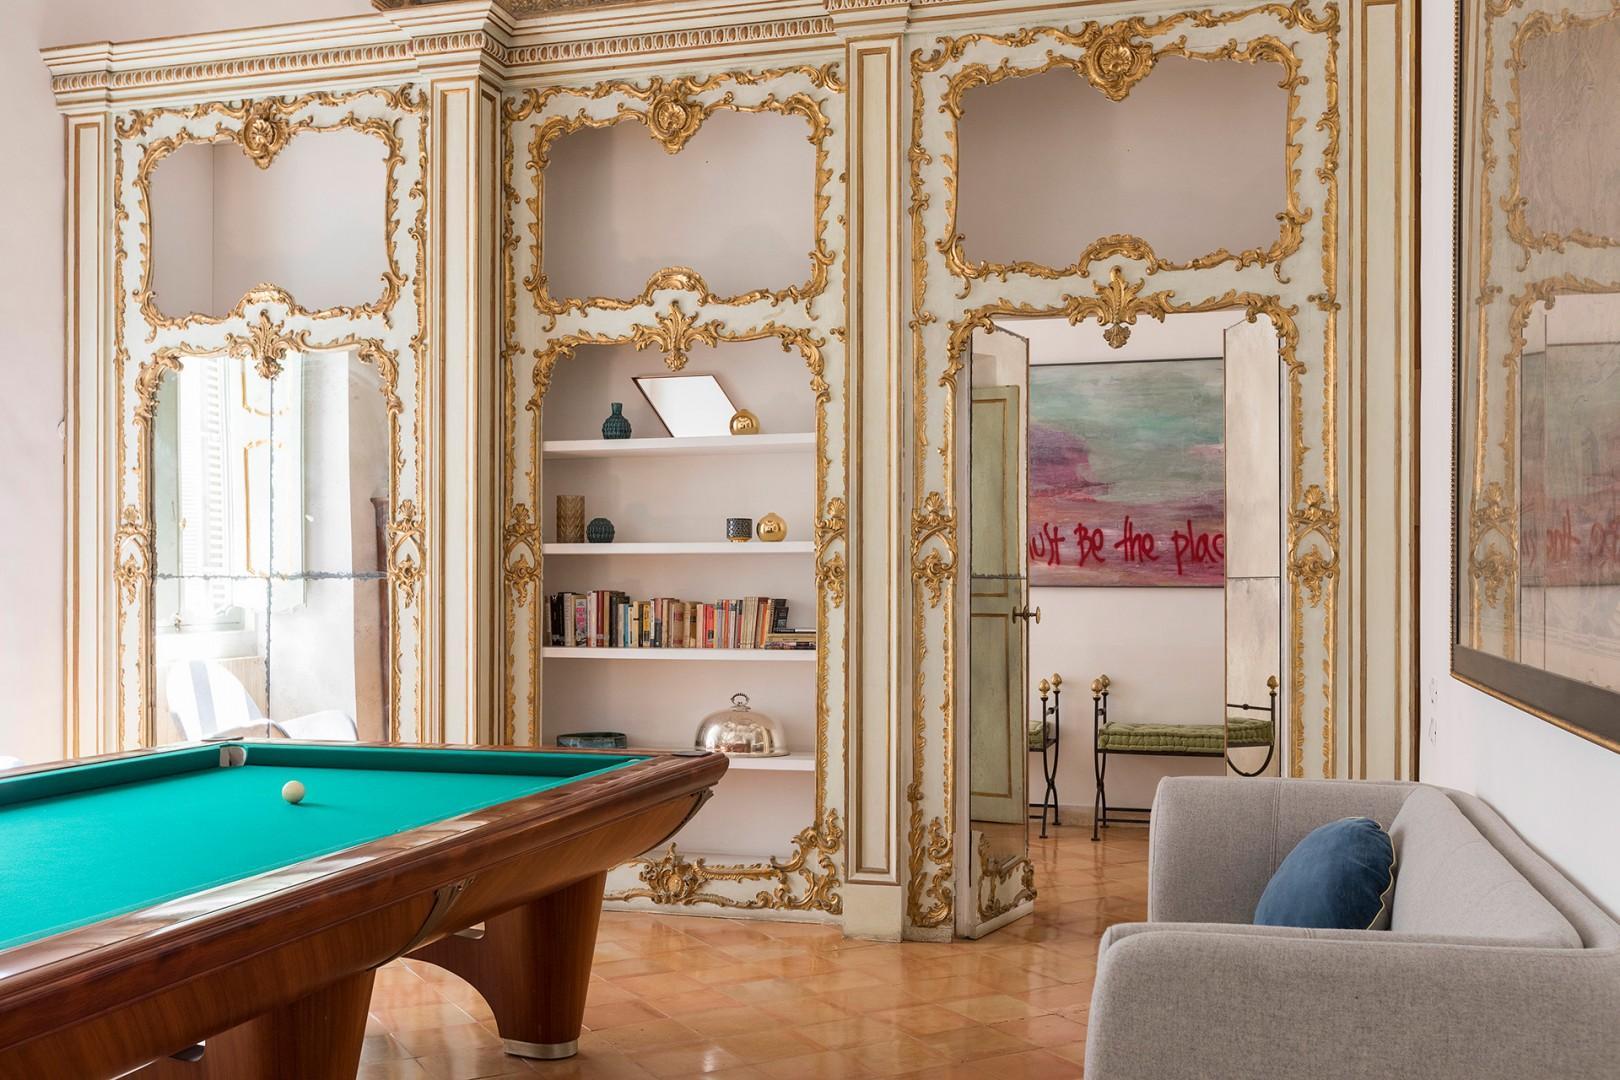 Billiard room view towards door.